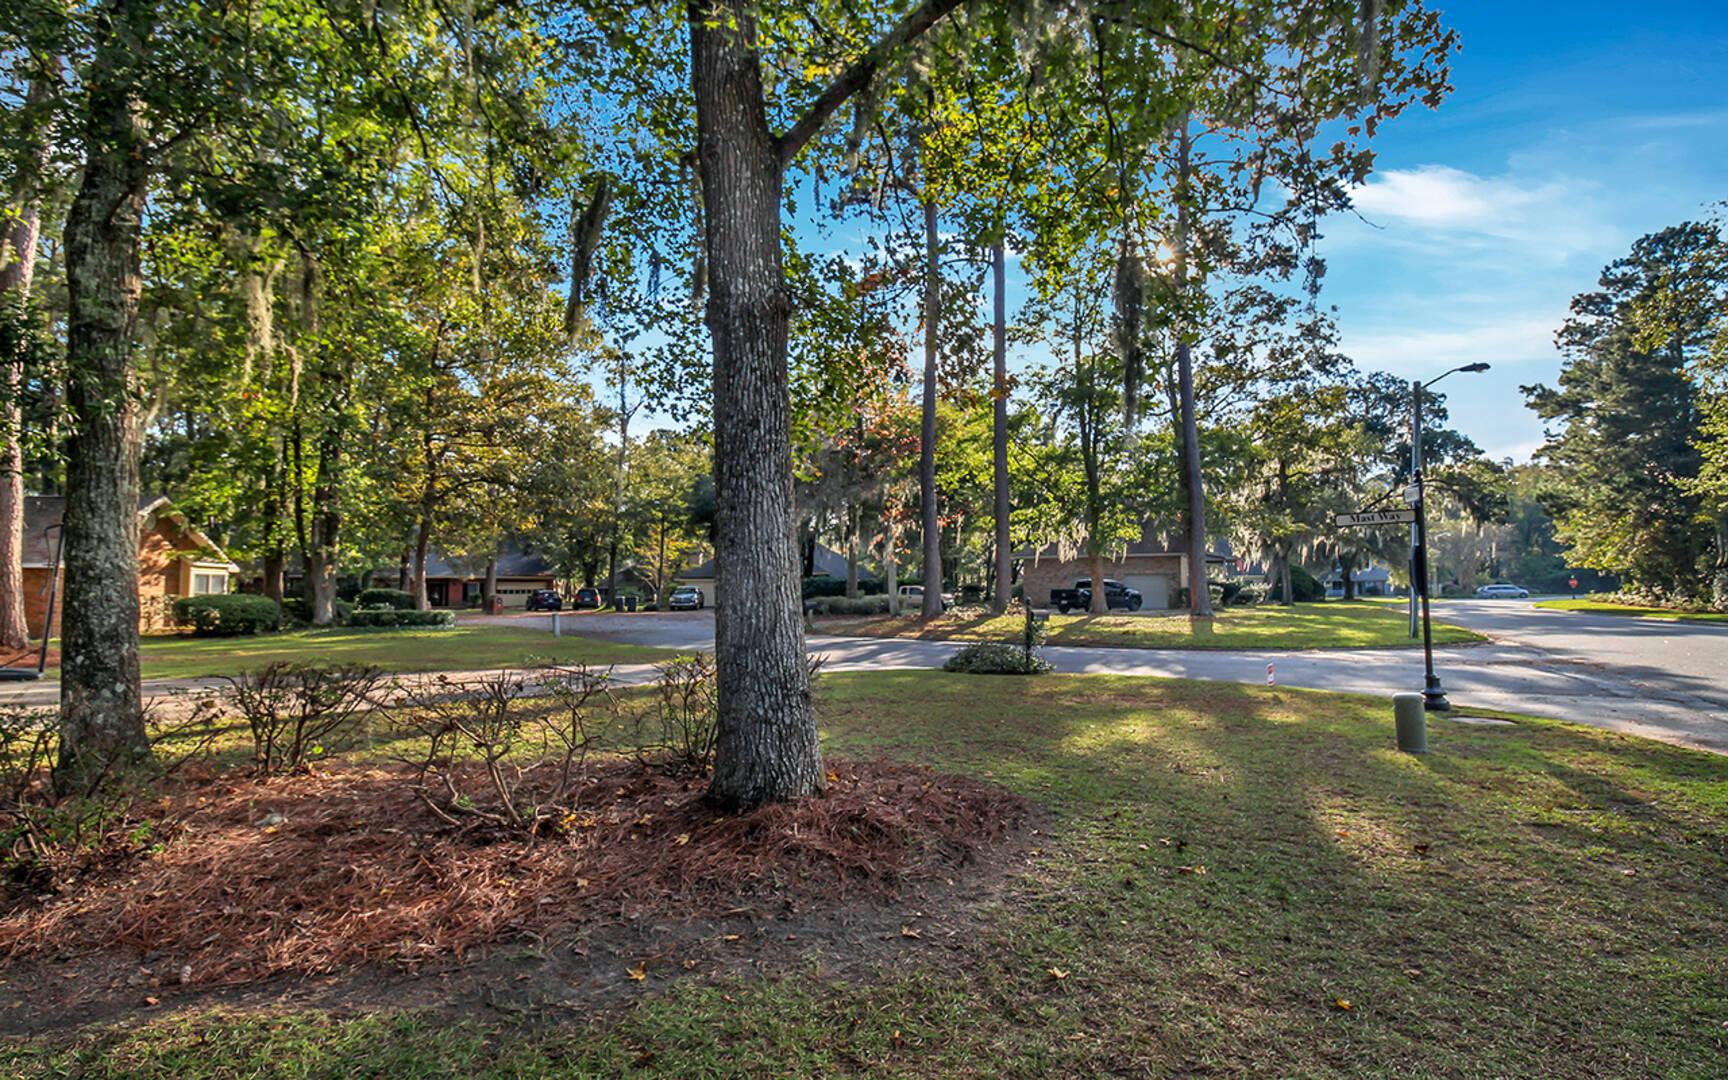 5 Mast Way Savannah, GA Savannah, GA 31419